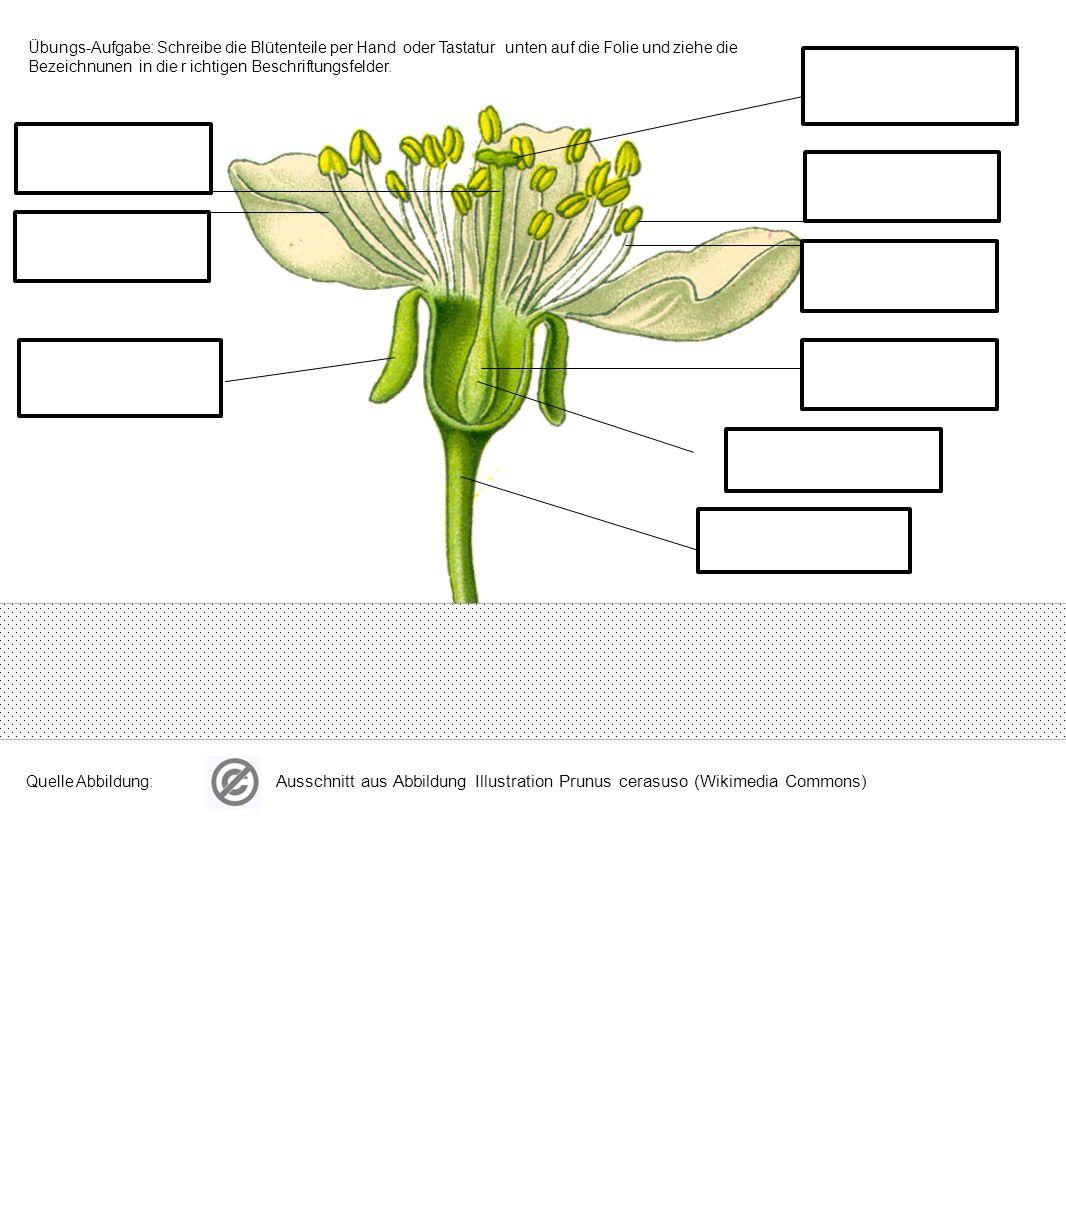 Übungs-Aufgabe : Beschrifte die Blütenteile ohne Hilfe Ausschnitt aus Abbildung Illustration Prunus cerasuso (Wikimedia Commons)